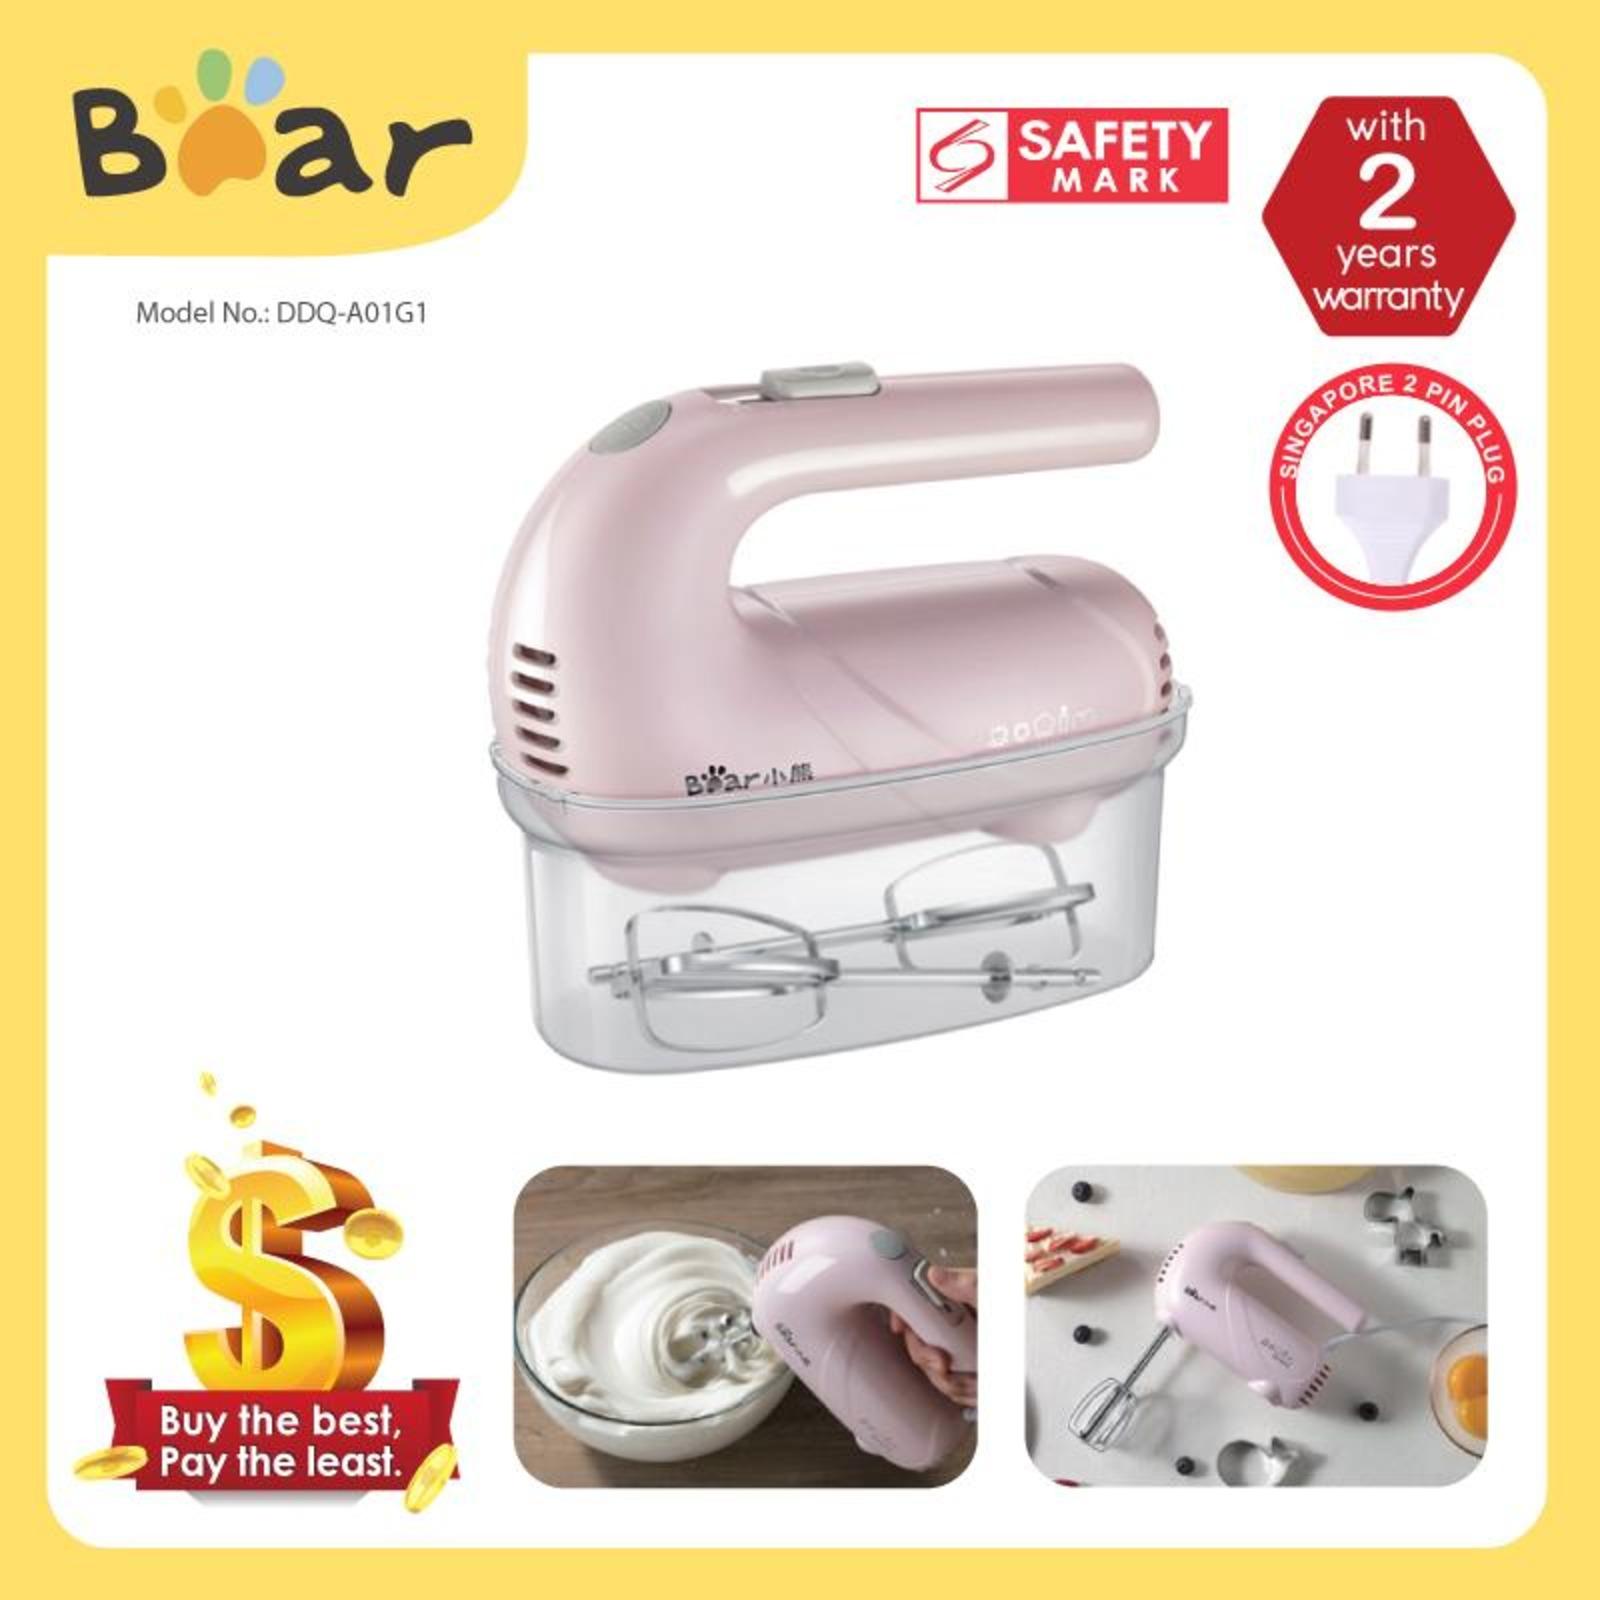 Bear Hand Mixer - 5 Speeds DDQ-A01G1